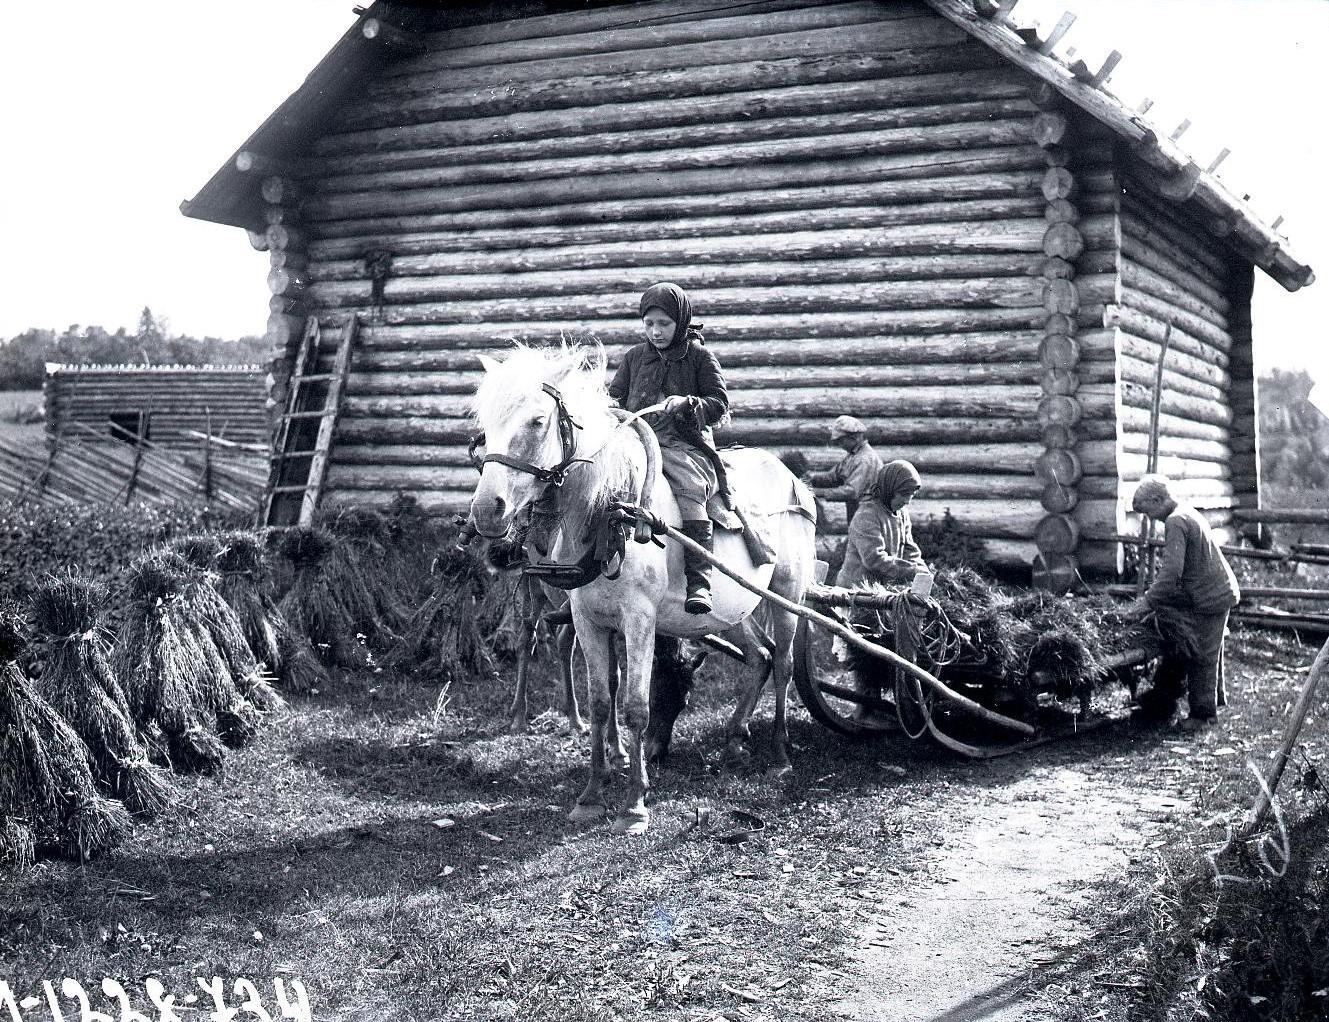 Плетение каната для невода и вожжей